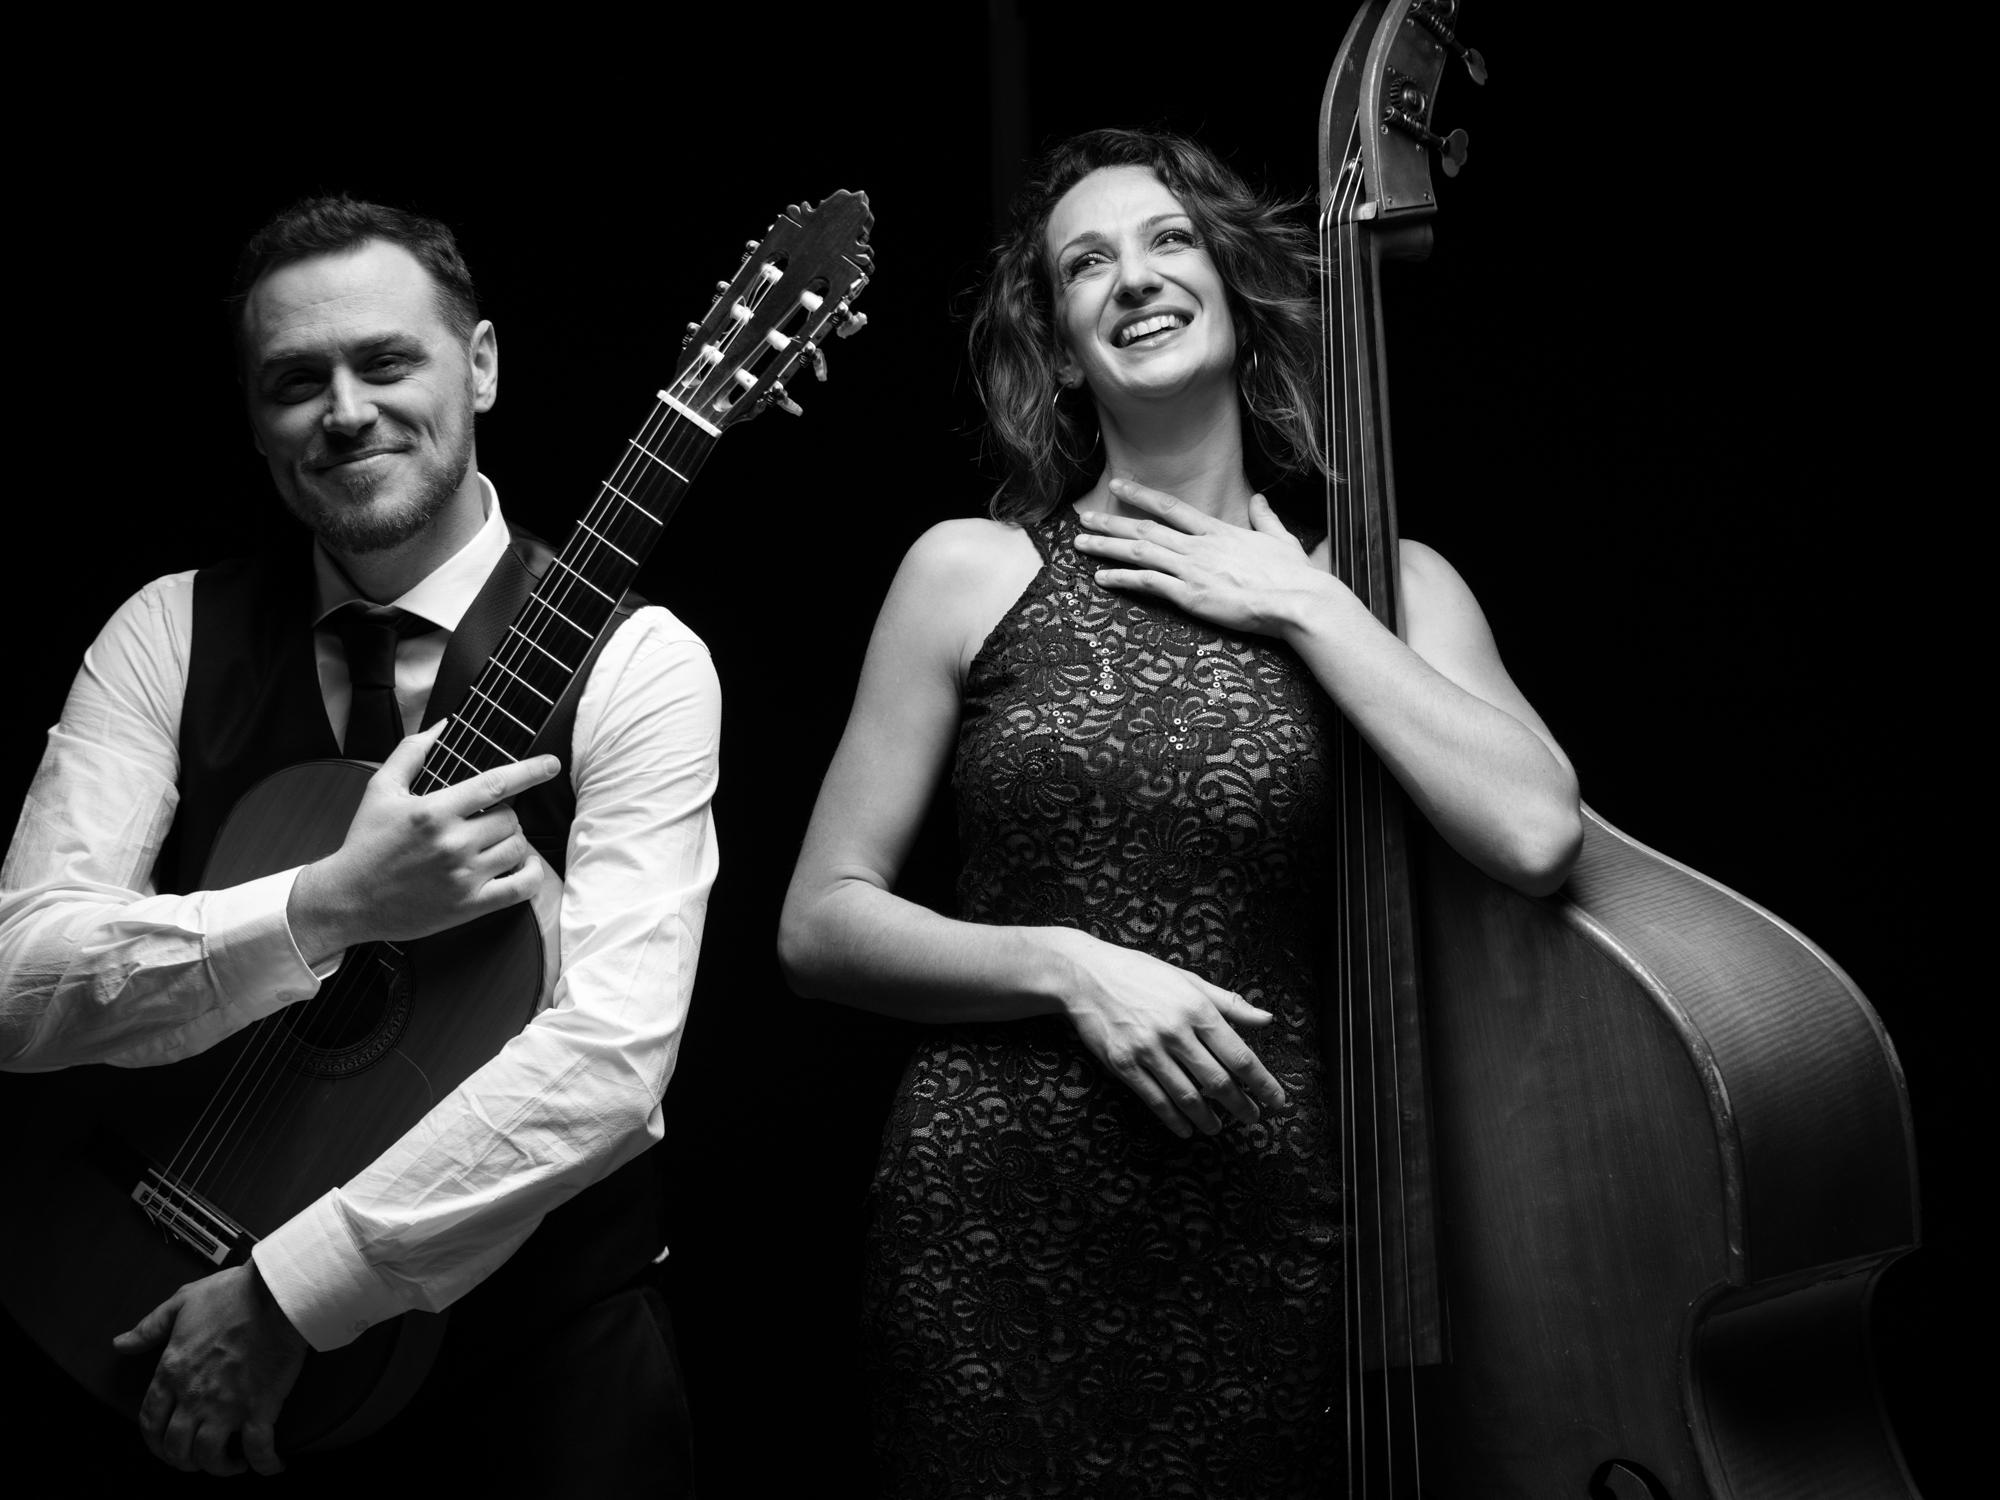 Musiciens mariage et événements haut de gamme Montpellier sud de la France